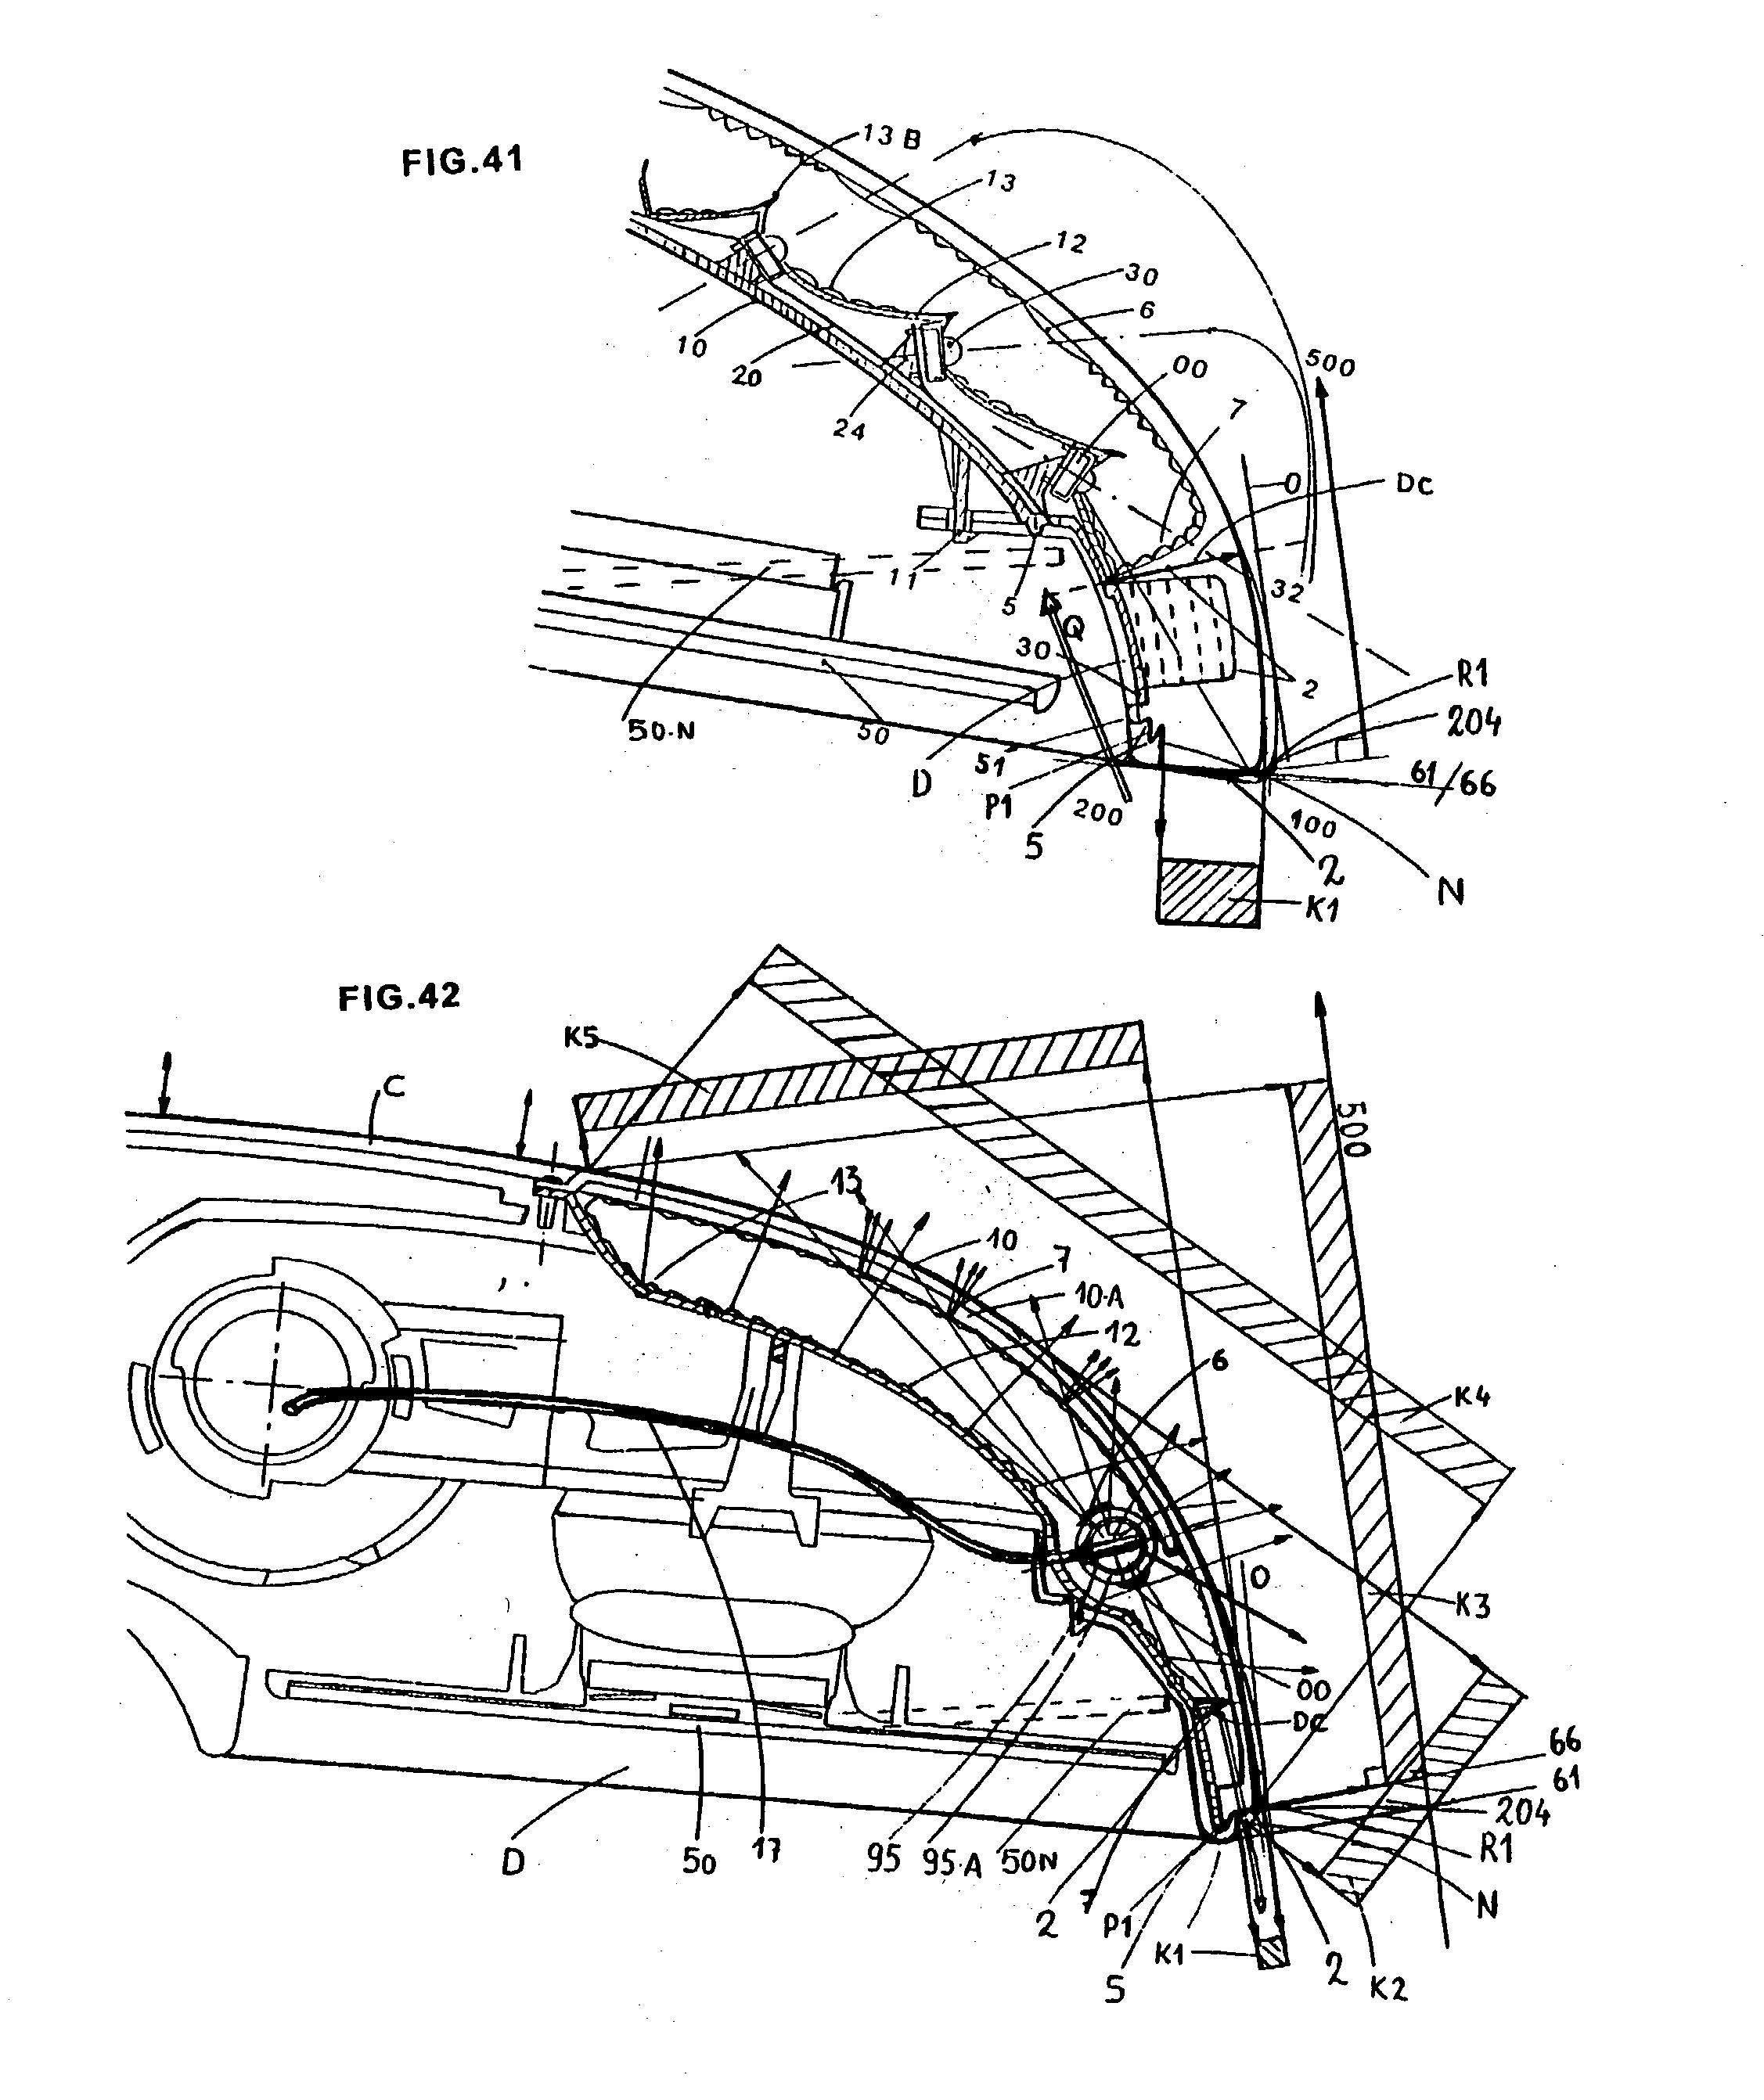 Elevator Shunt Trip Wiring Diagram from schematron.org